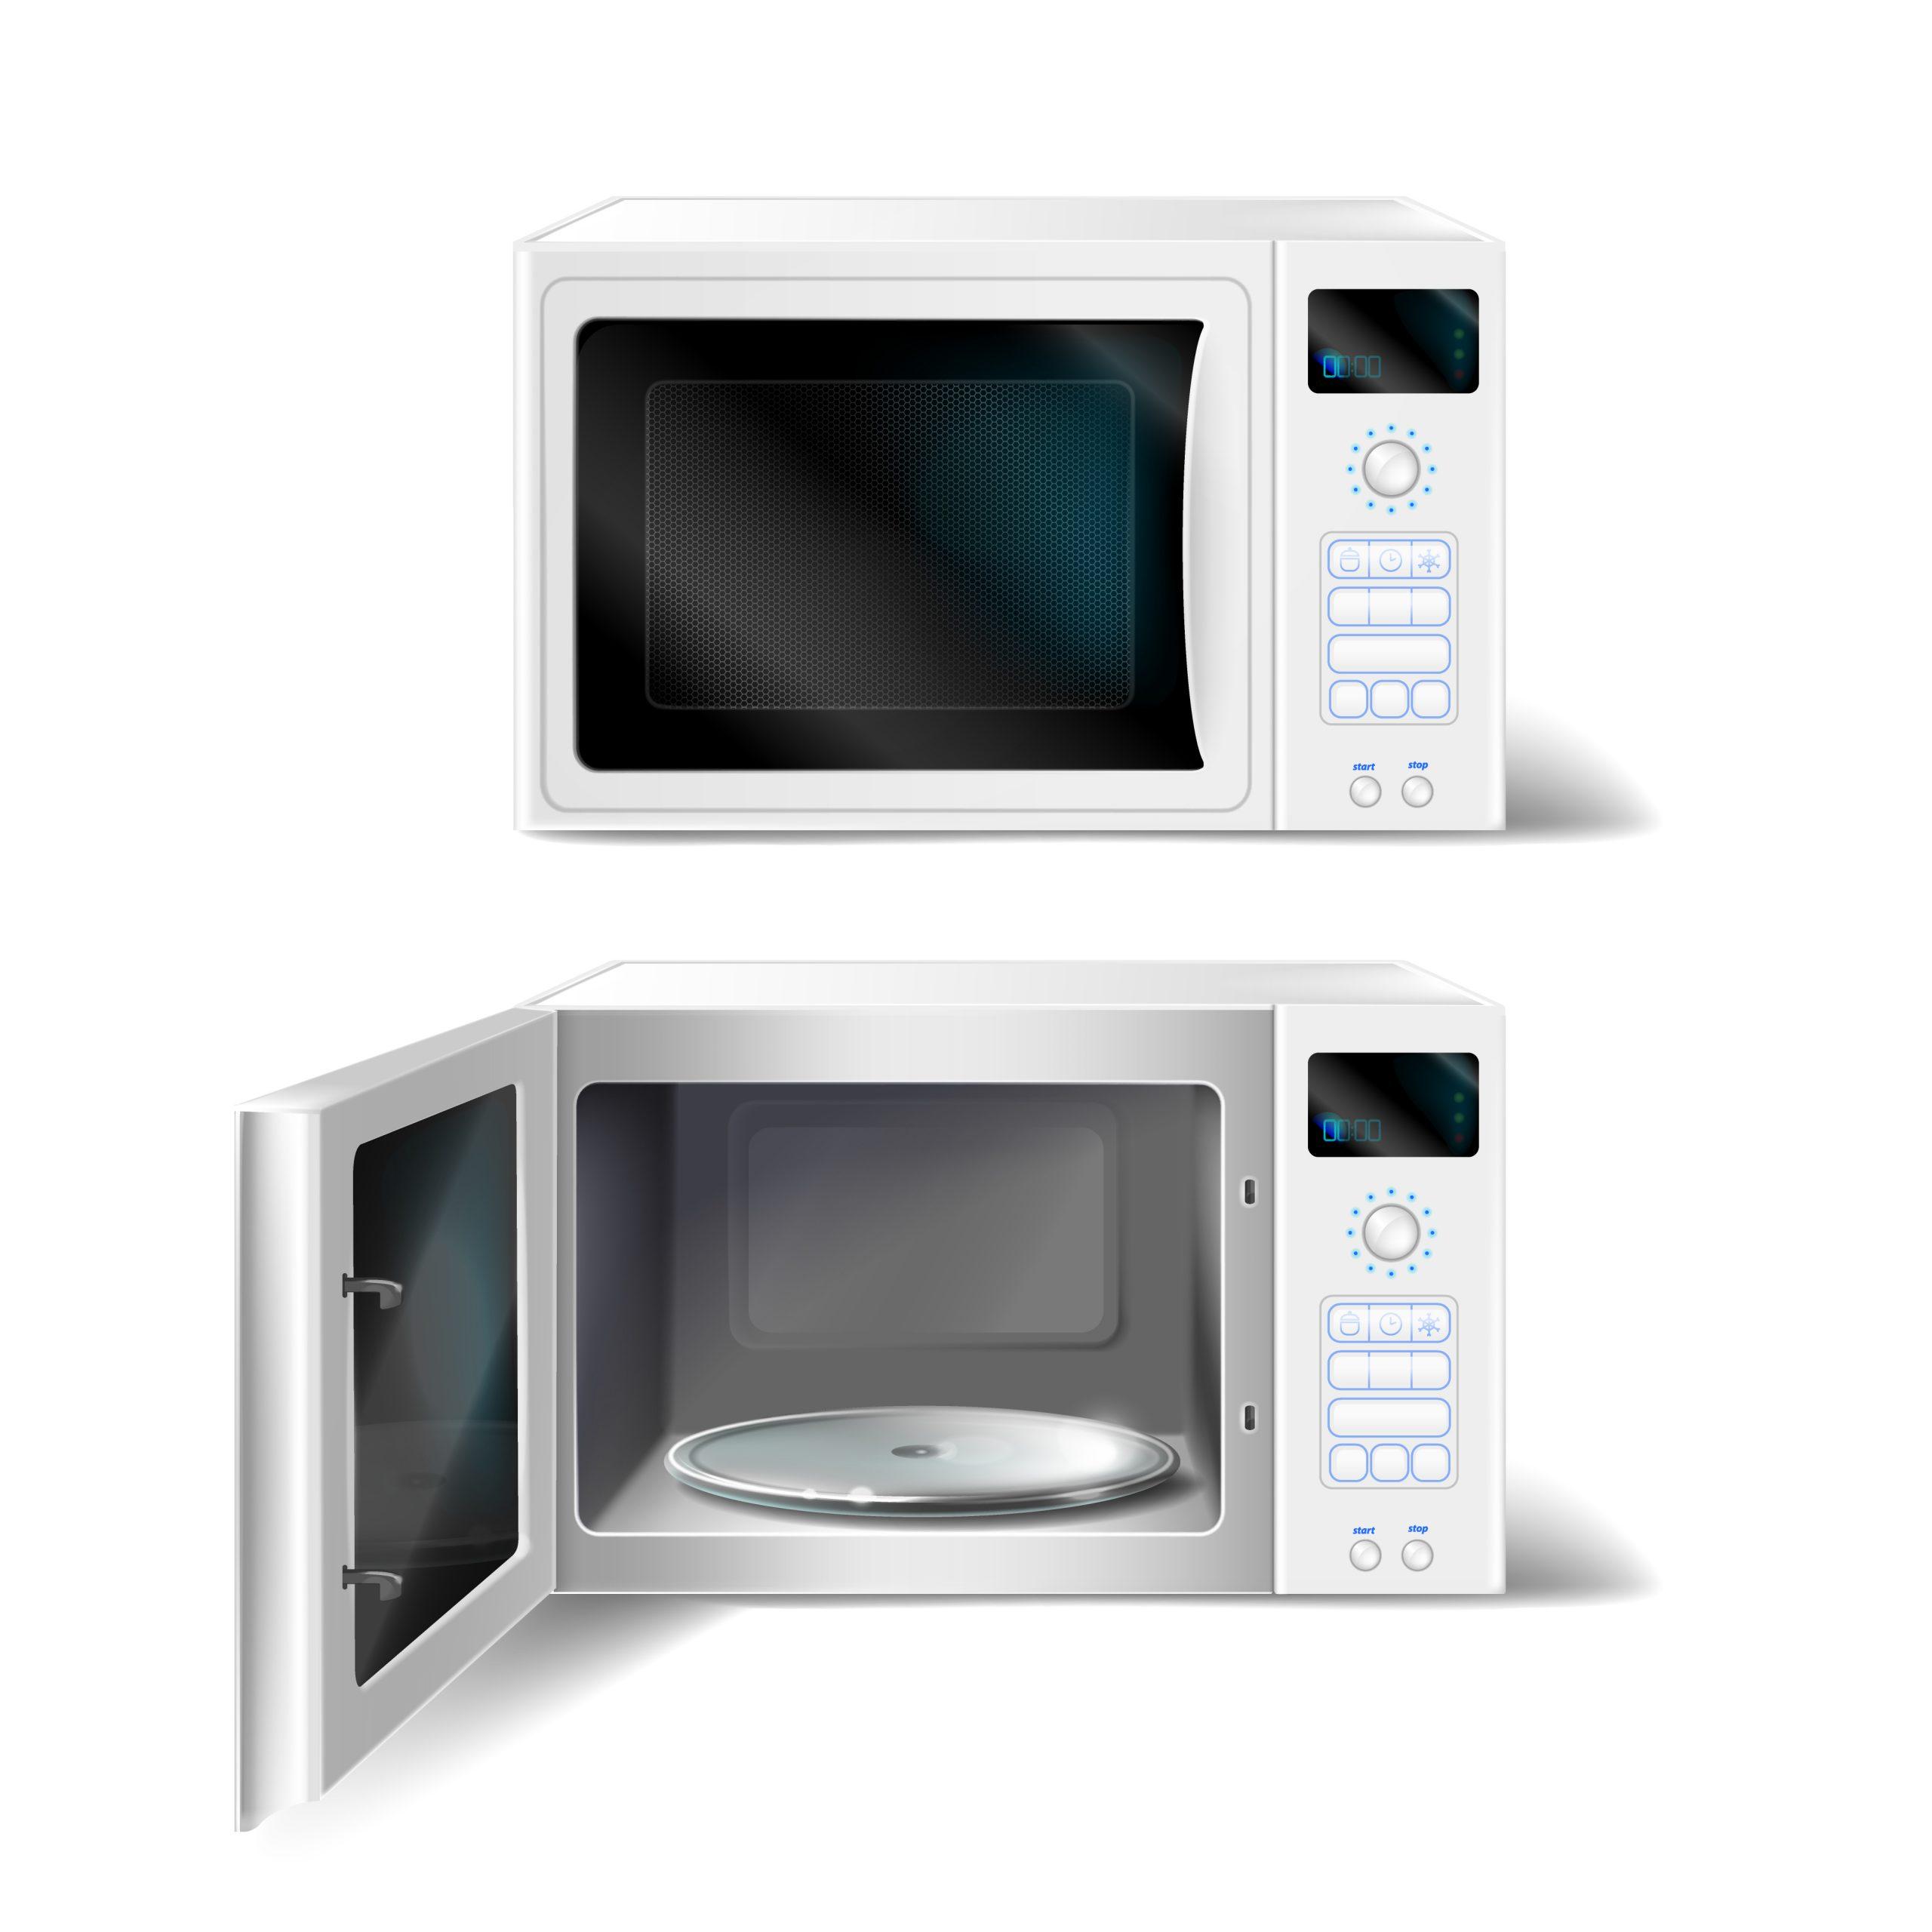 Microwave Testing Norfolk